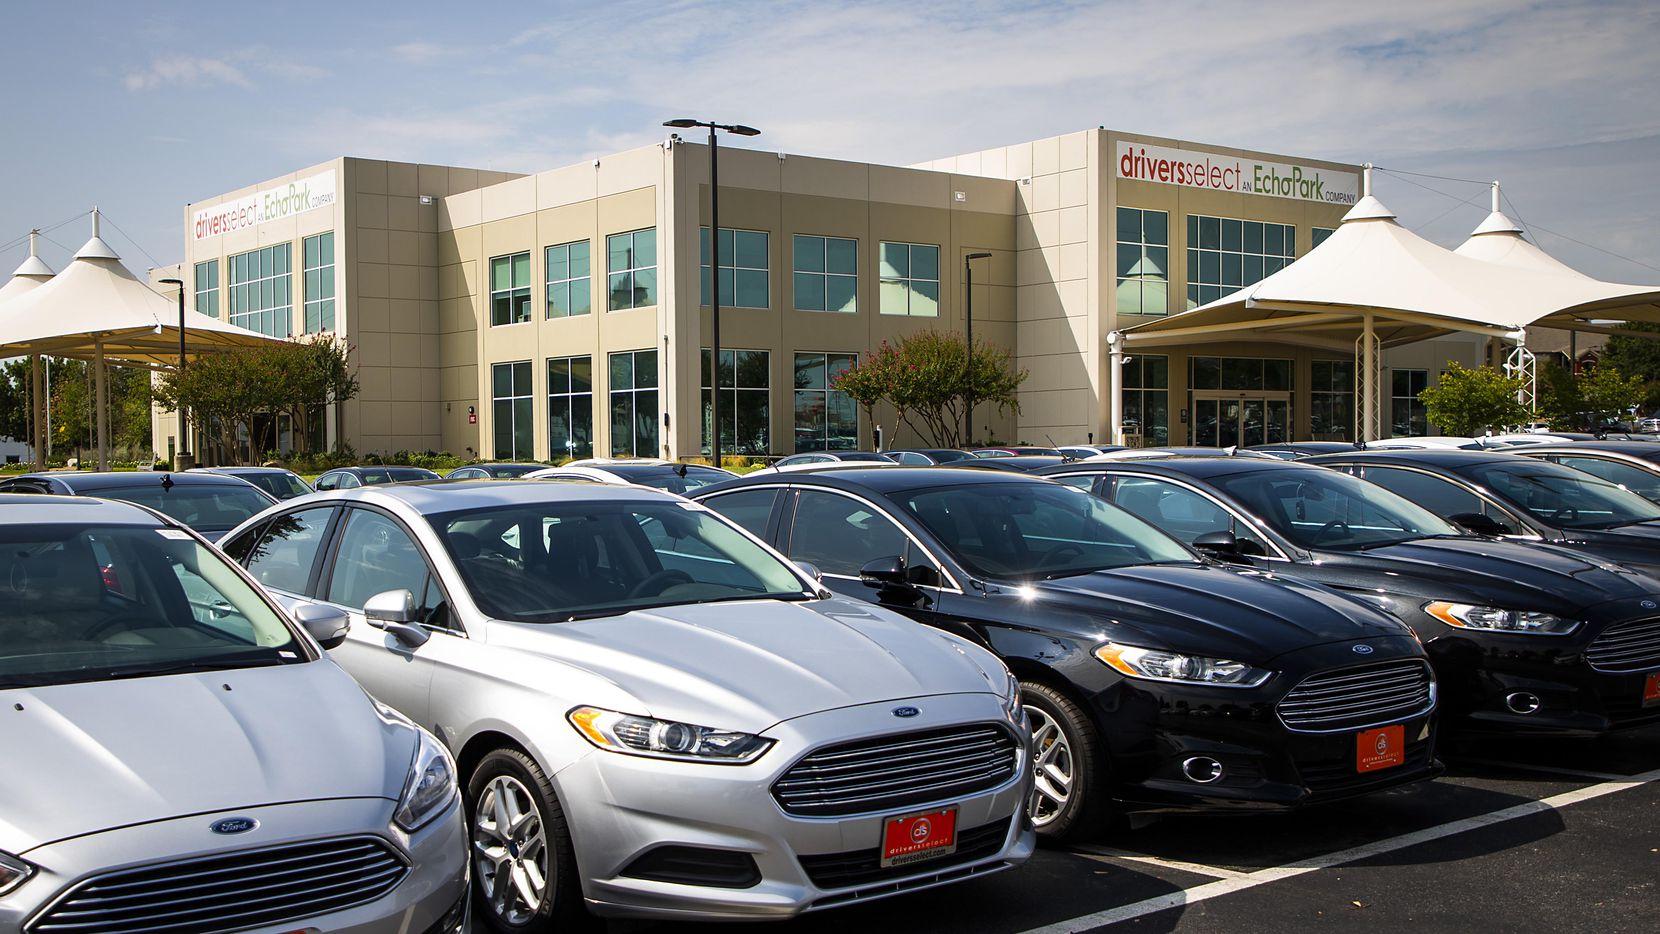 Para vender su carro, infórmese antes de ir a la concesionaria. Sepa lo que paga el concesionario y lo que pide por el vehículo.